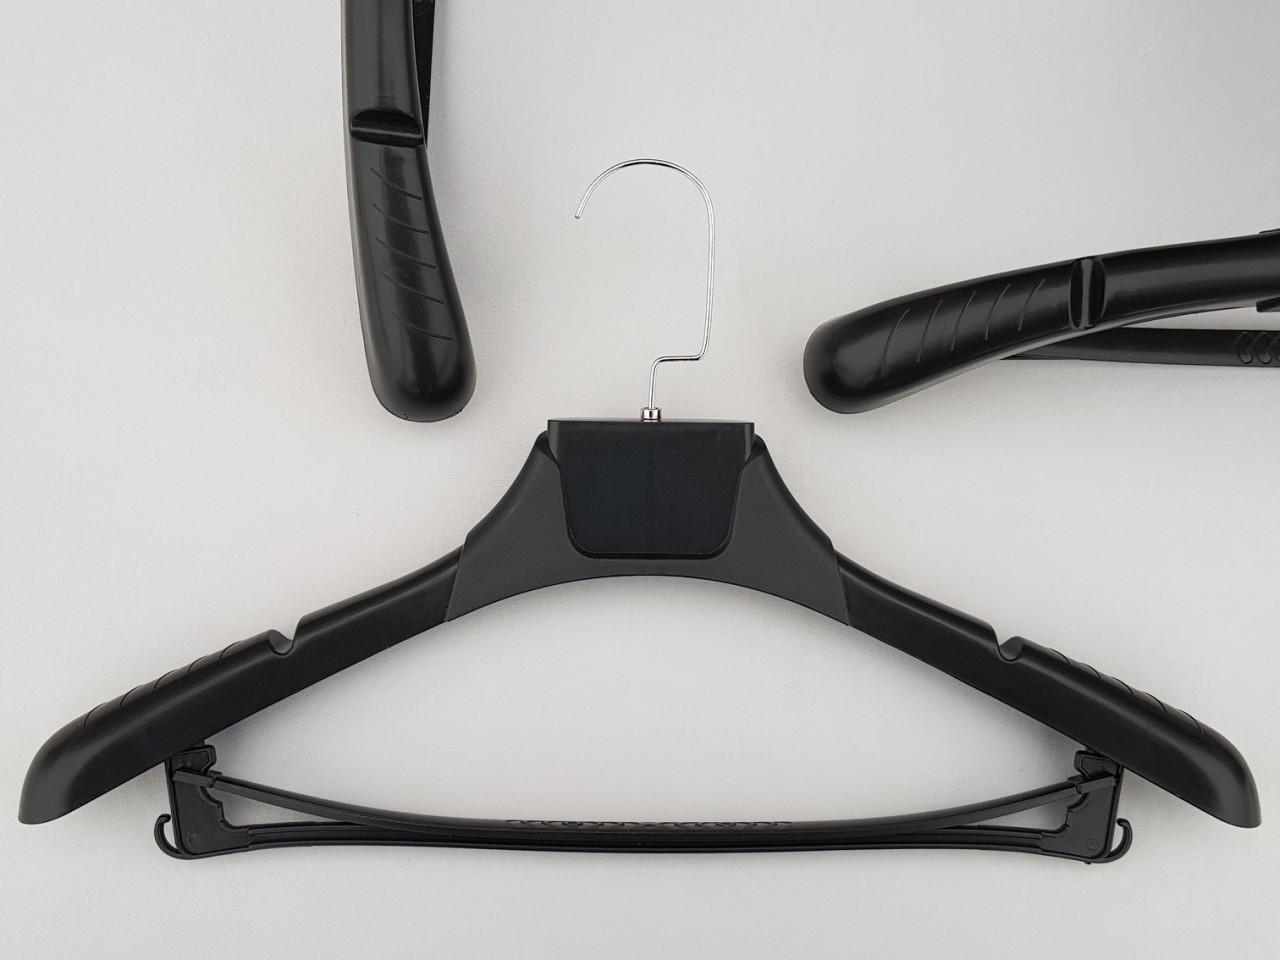 Длина 43,5 см. Плечики вешалки пластмассовые TZP8822 с антискользящим ребристым плечом черного цвета